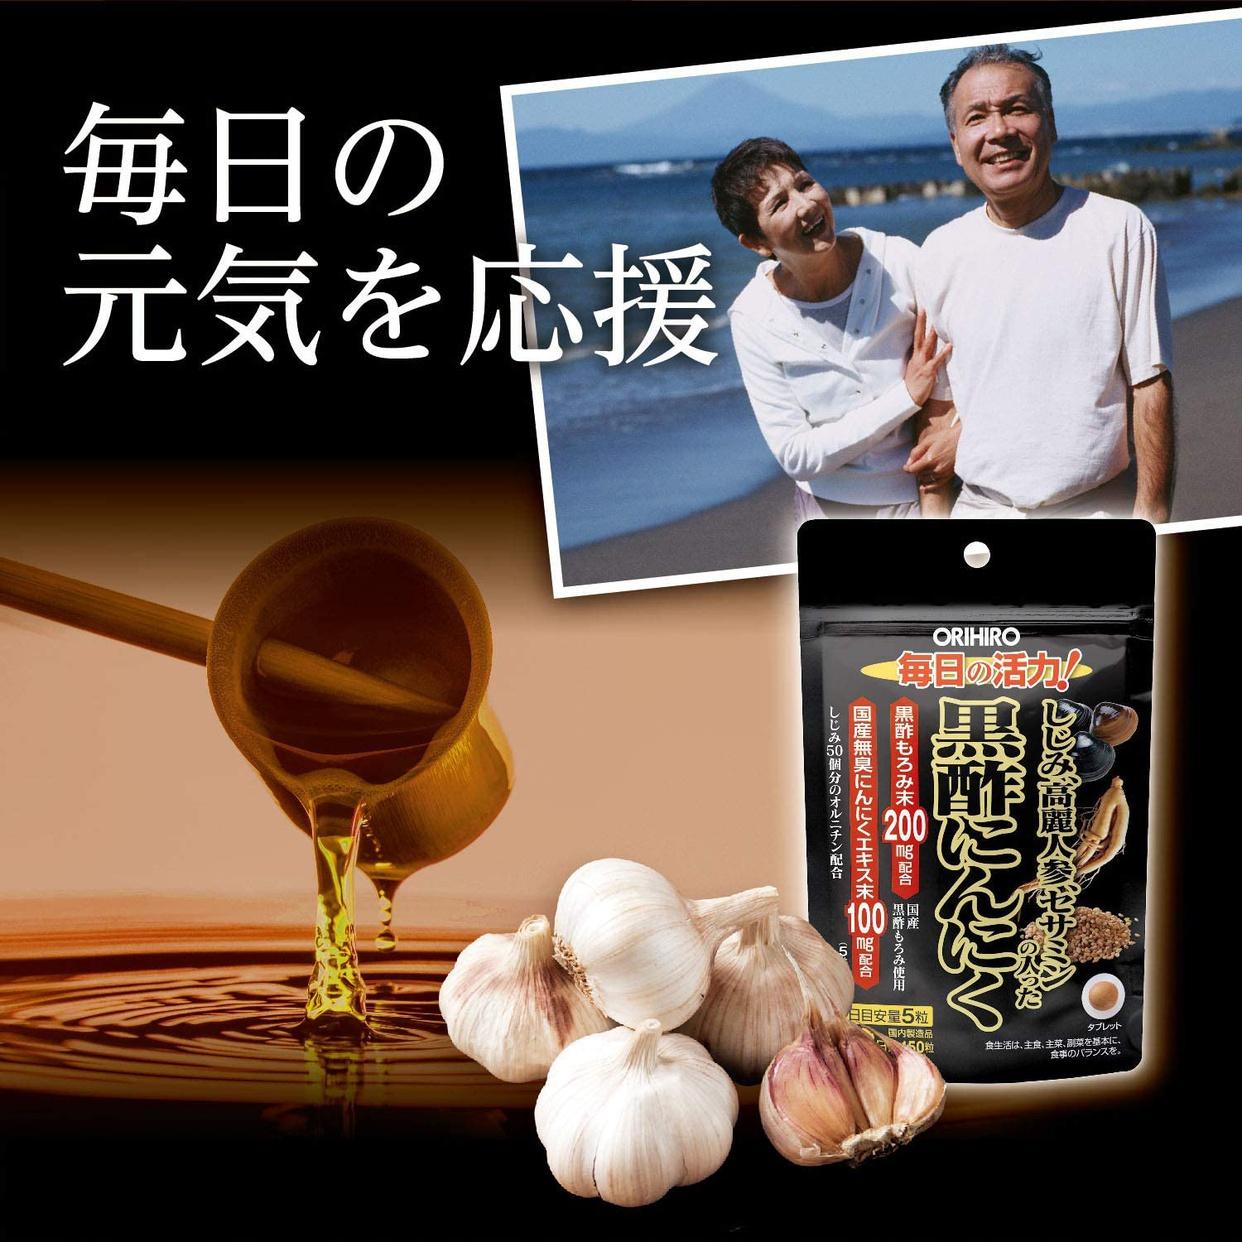 ORIHIRO(オリヒロ) しじみ高麗人参セサミンの入った黒酢にんにくの商品画像6